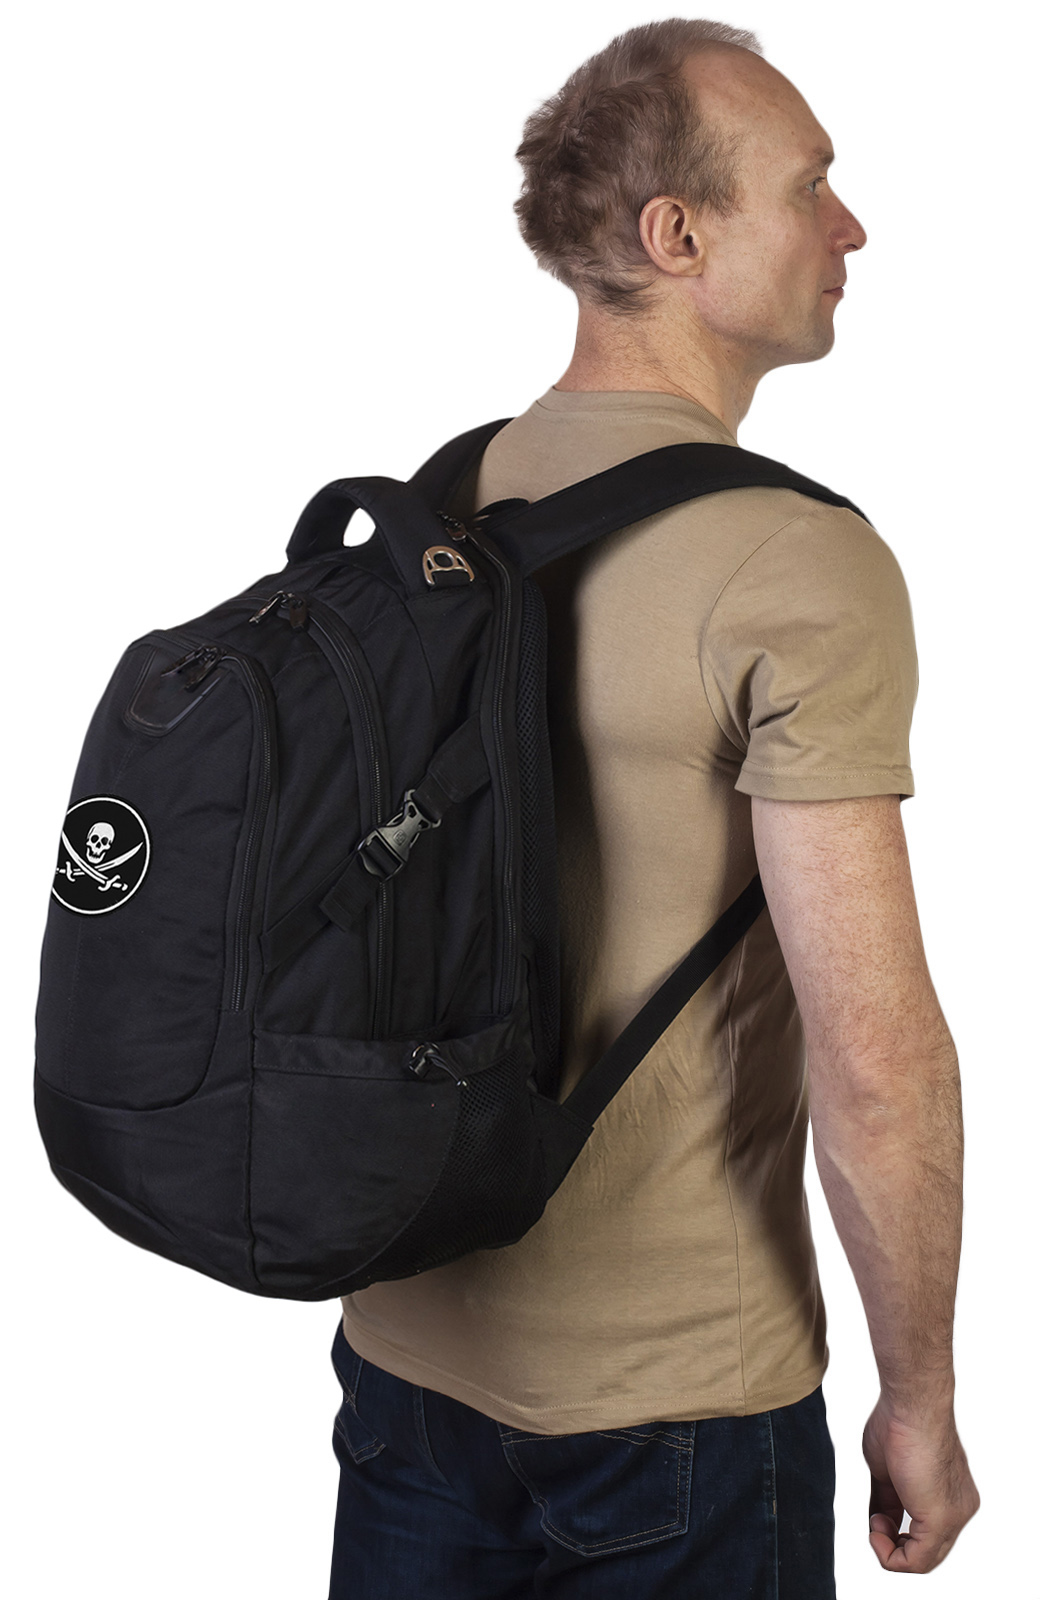 Эргономичный вместительный рюкзак с нашивкой Пиратский флаг - купить в Военпро